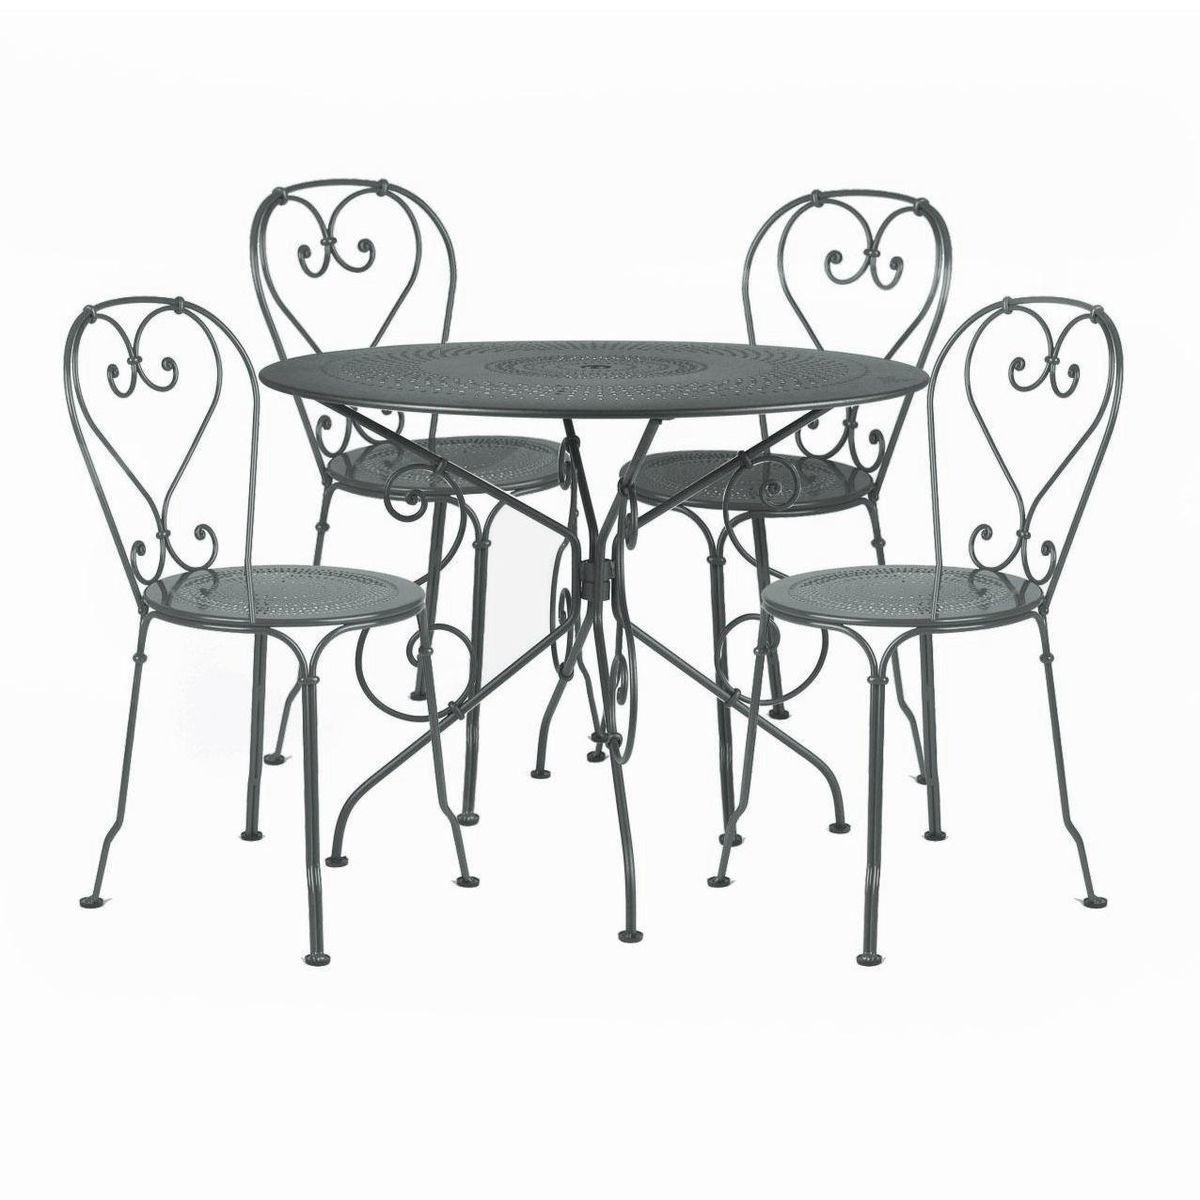 1900 ensemble de 4 chaises de jardin fermob set mobilier jardin. Black Bedroom Furniture Sets. Home Design Ideas